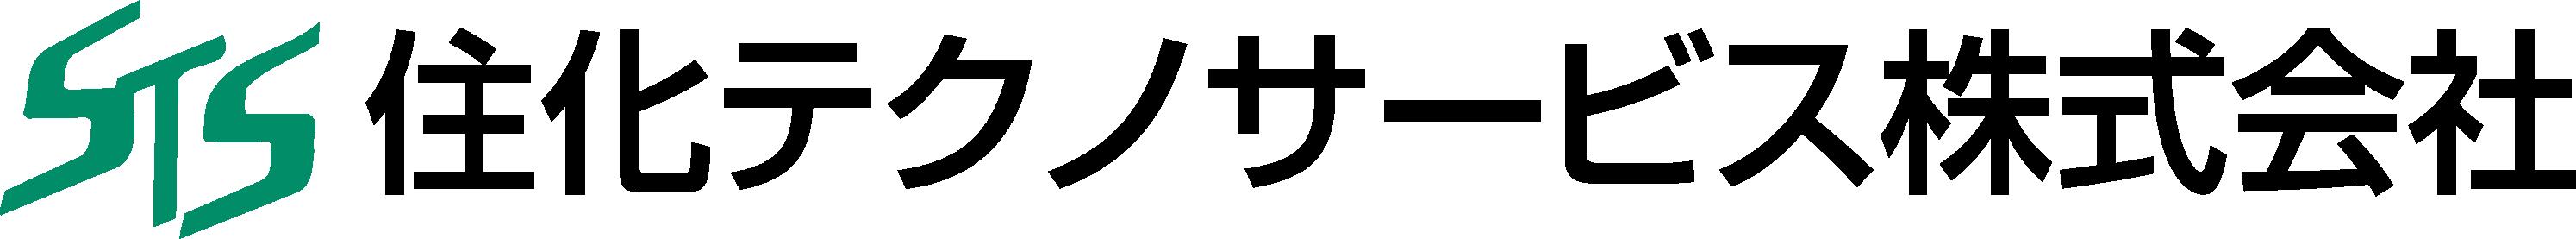 住化テクノサービス株式会社ロゴ